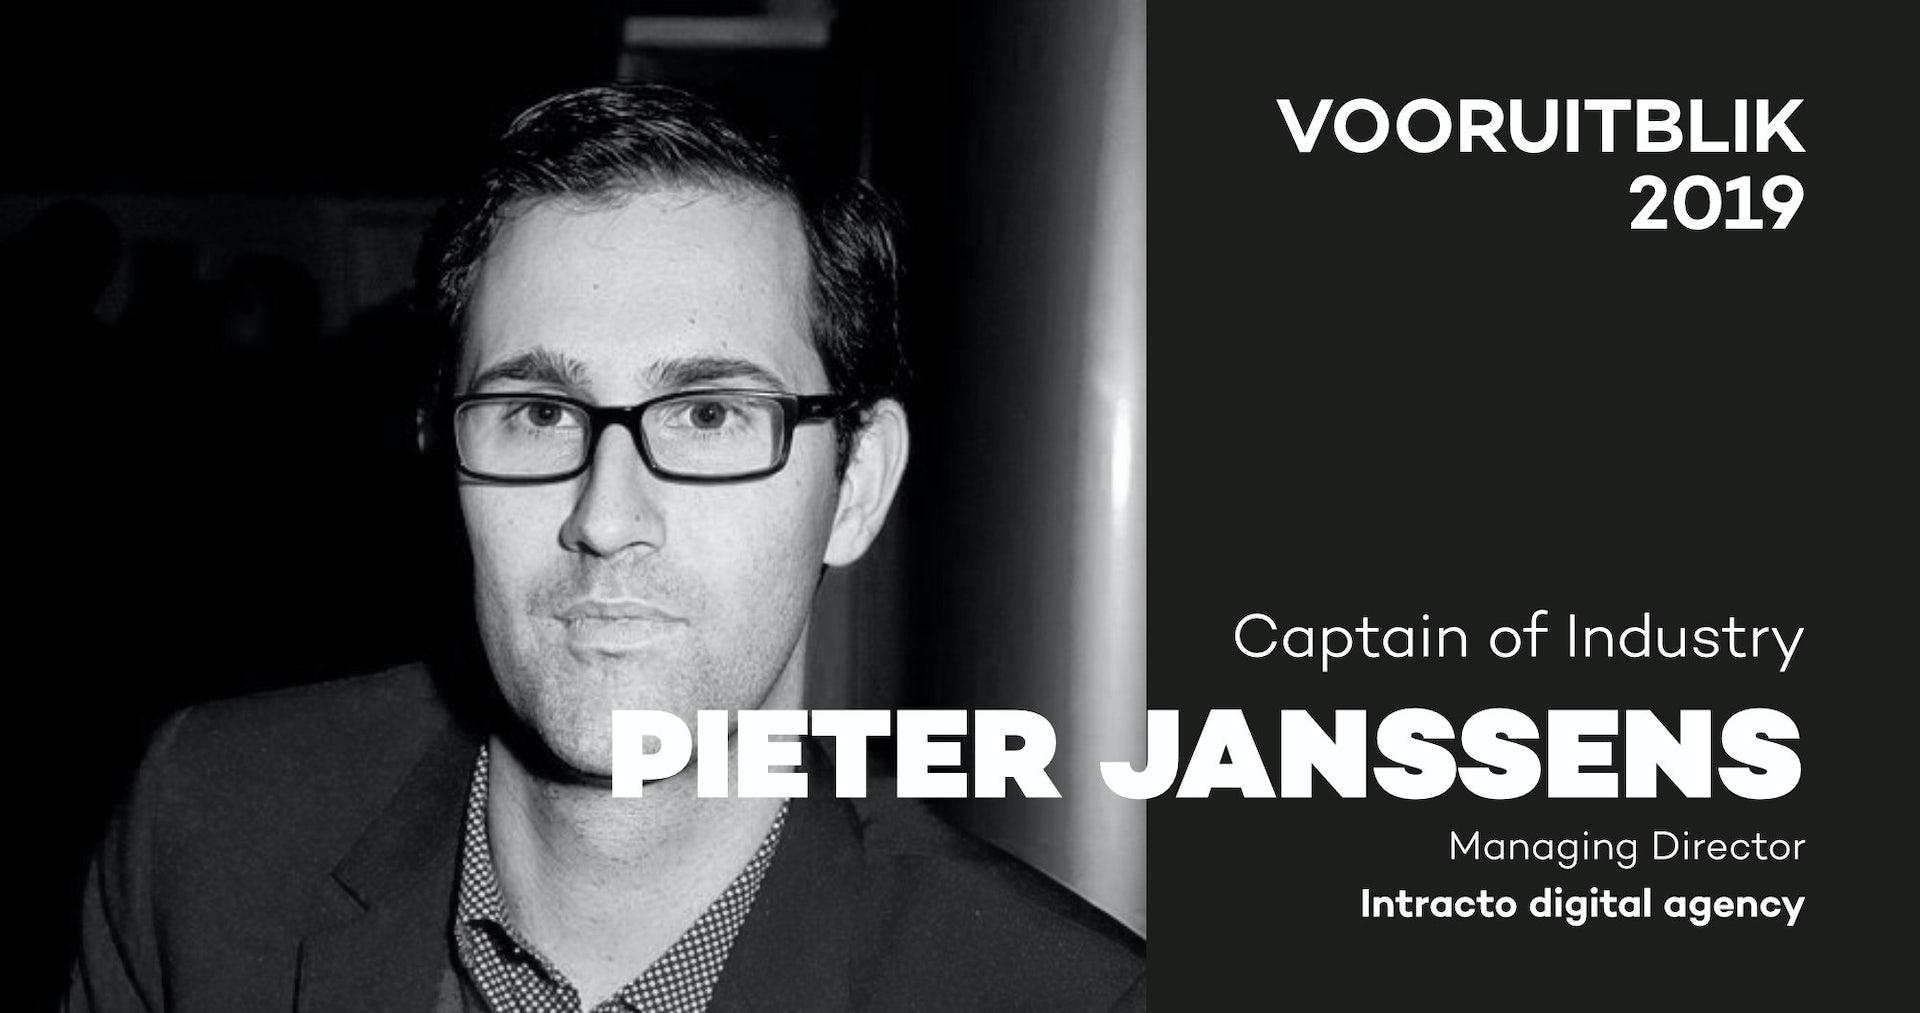 Pieter Janssens - Intracto